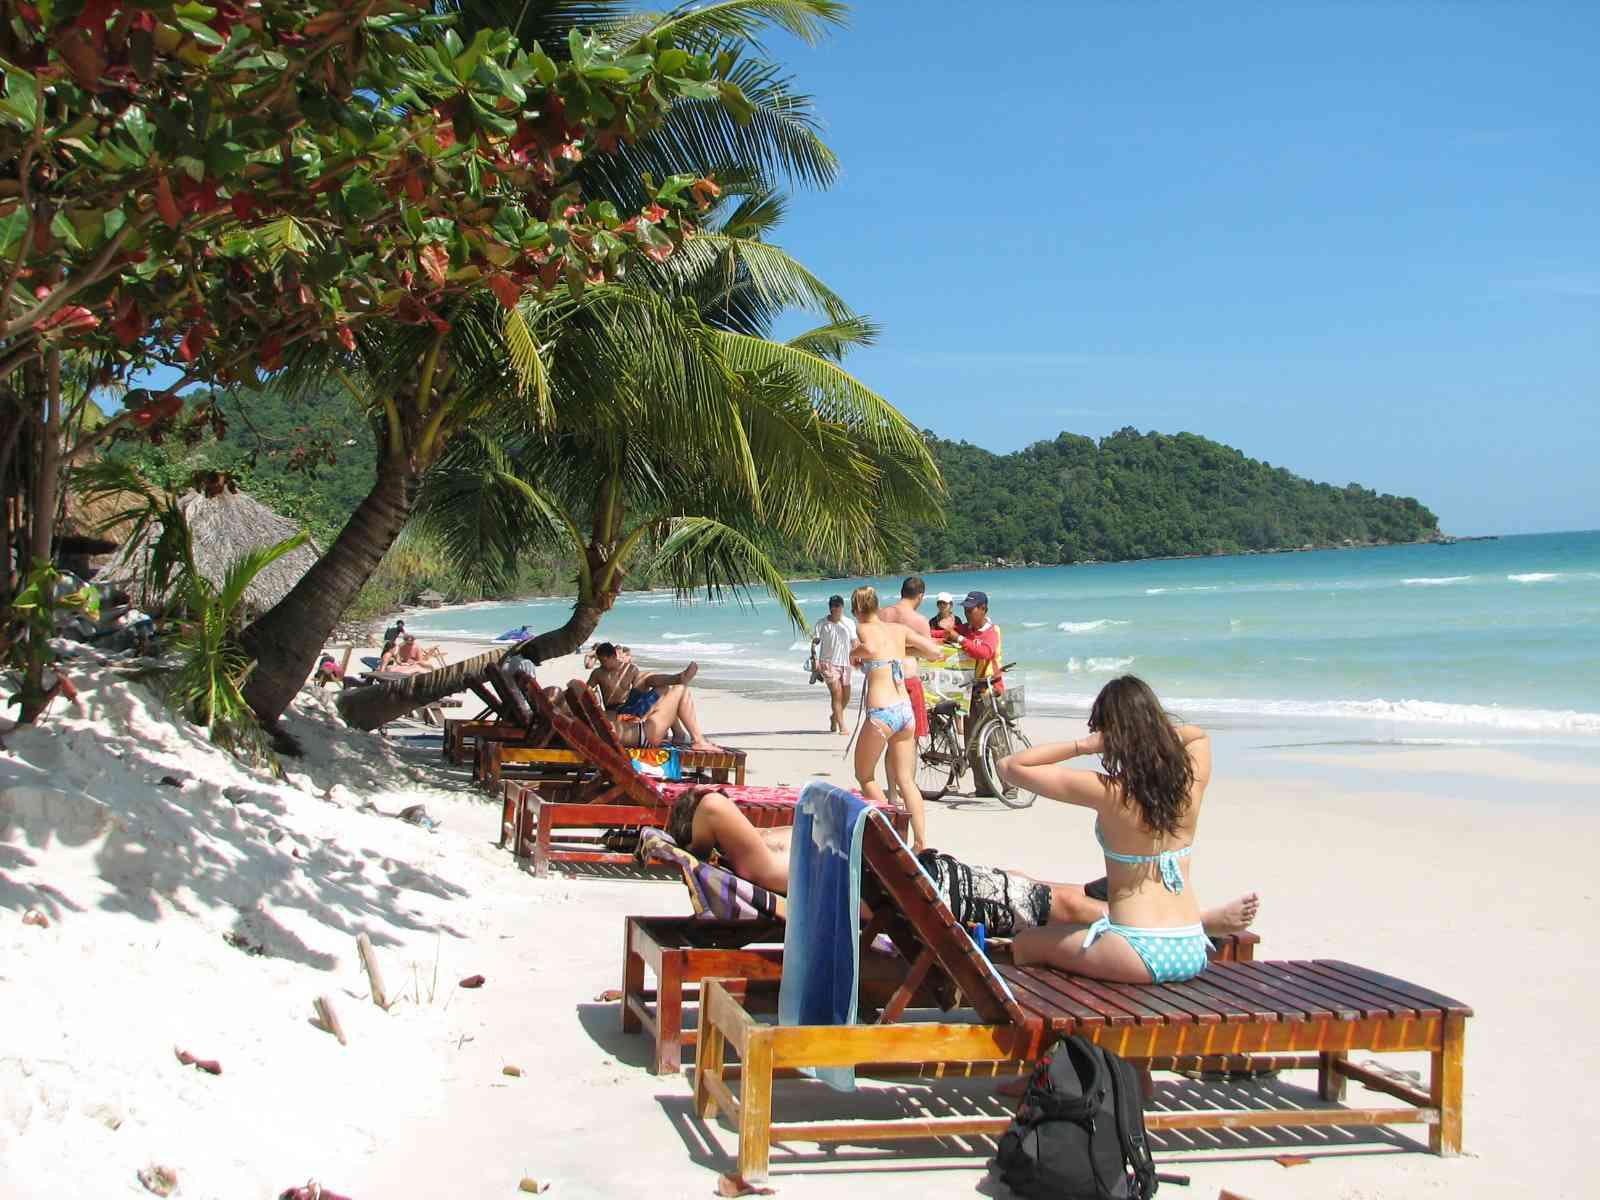 Tắm biển là một hoạt động không thể bỏ qua tại Bãi Khem